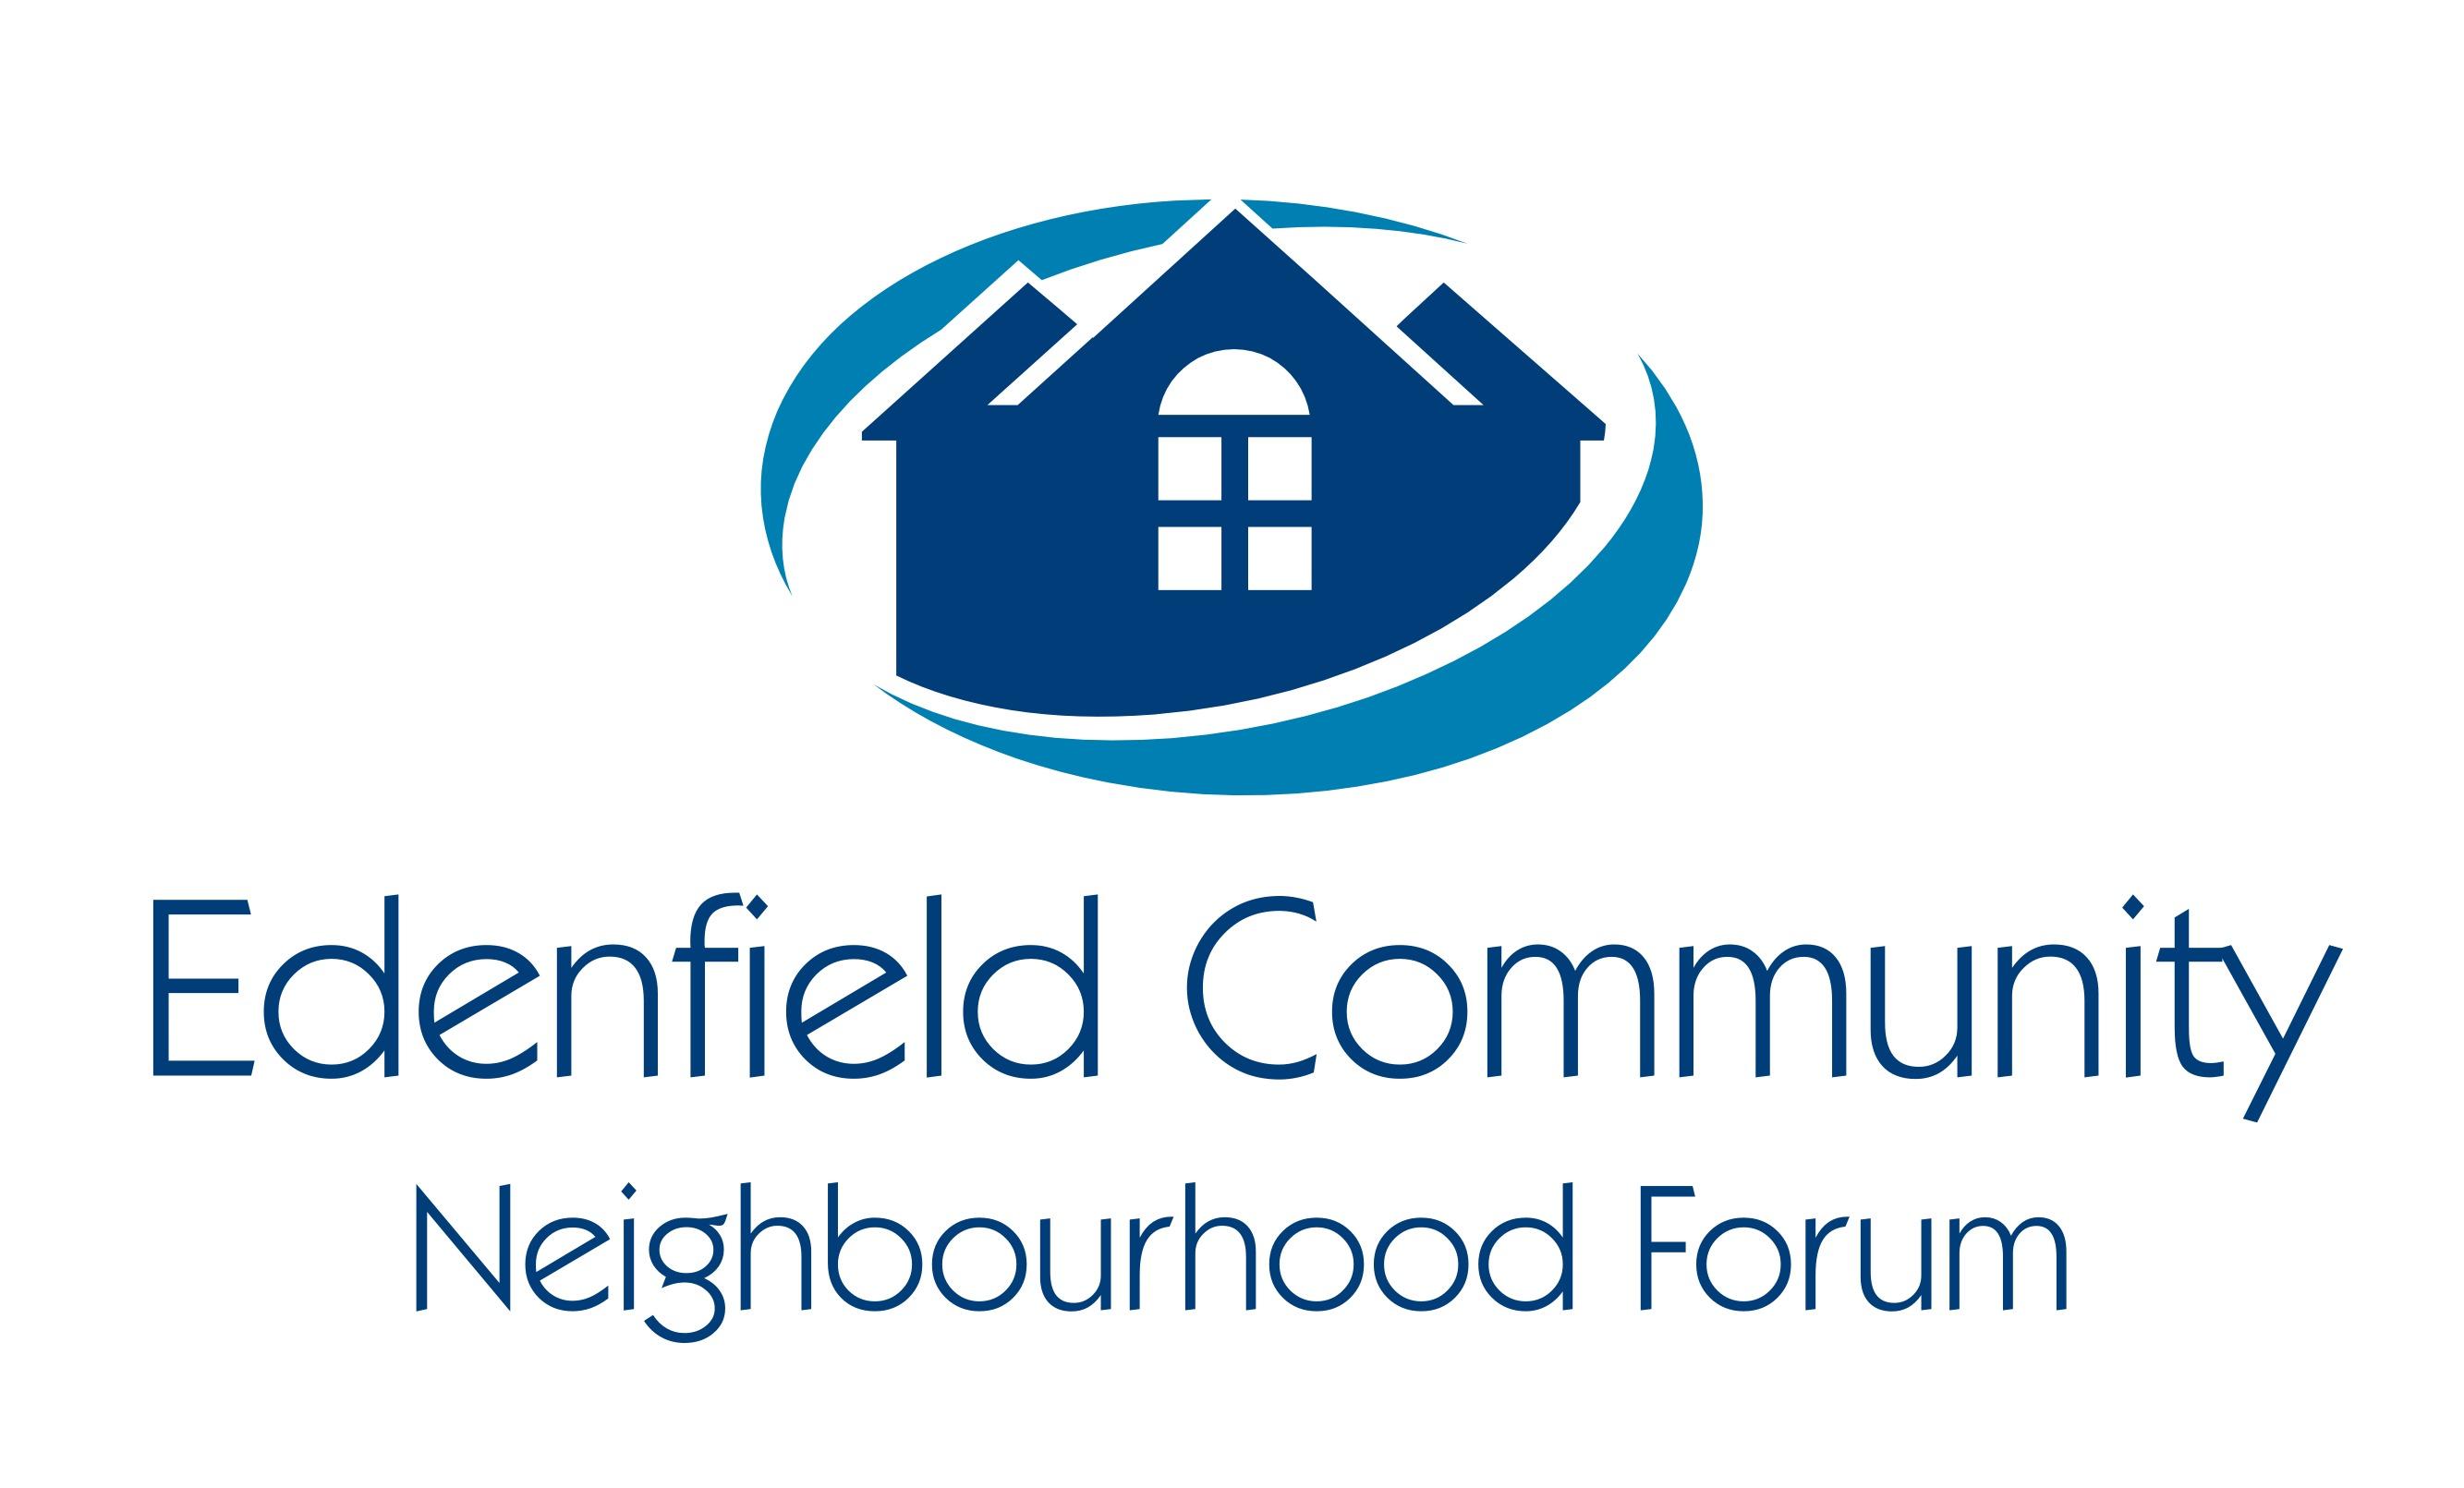 Edenfield Community Neighbourhood Forum